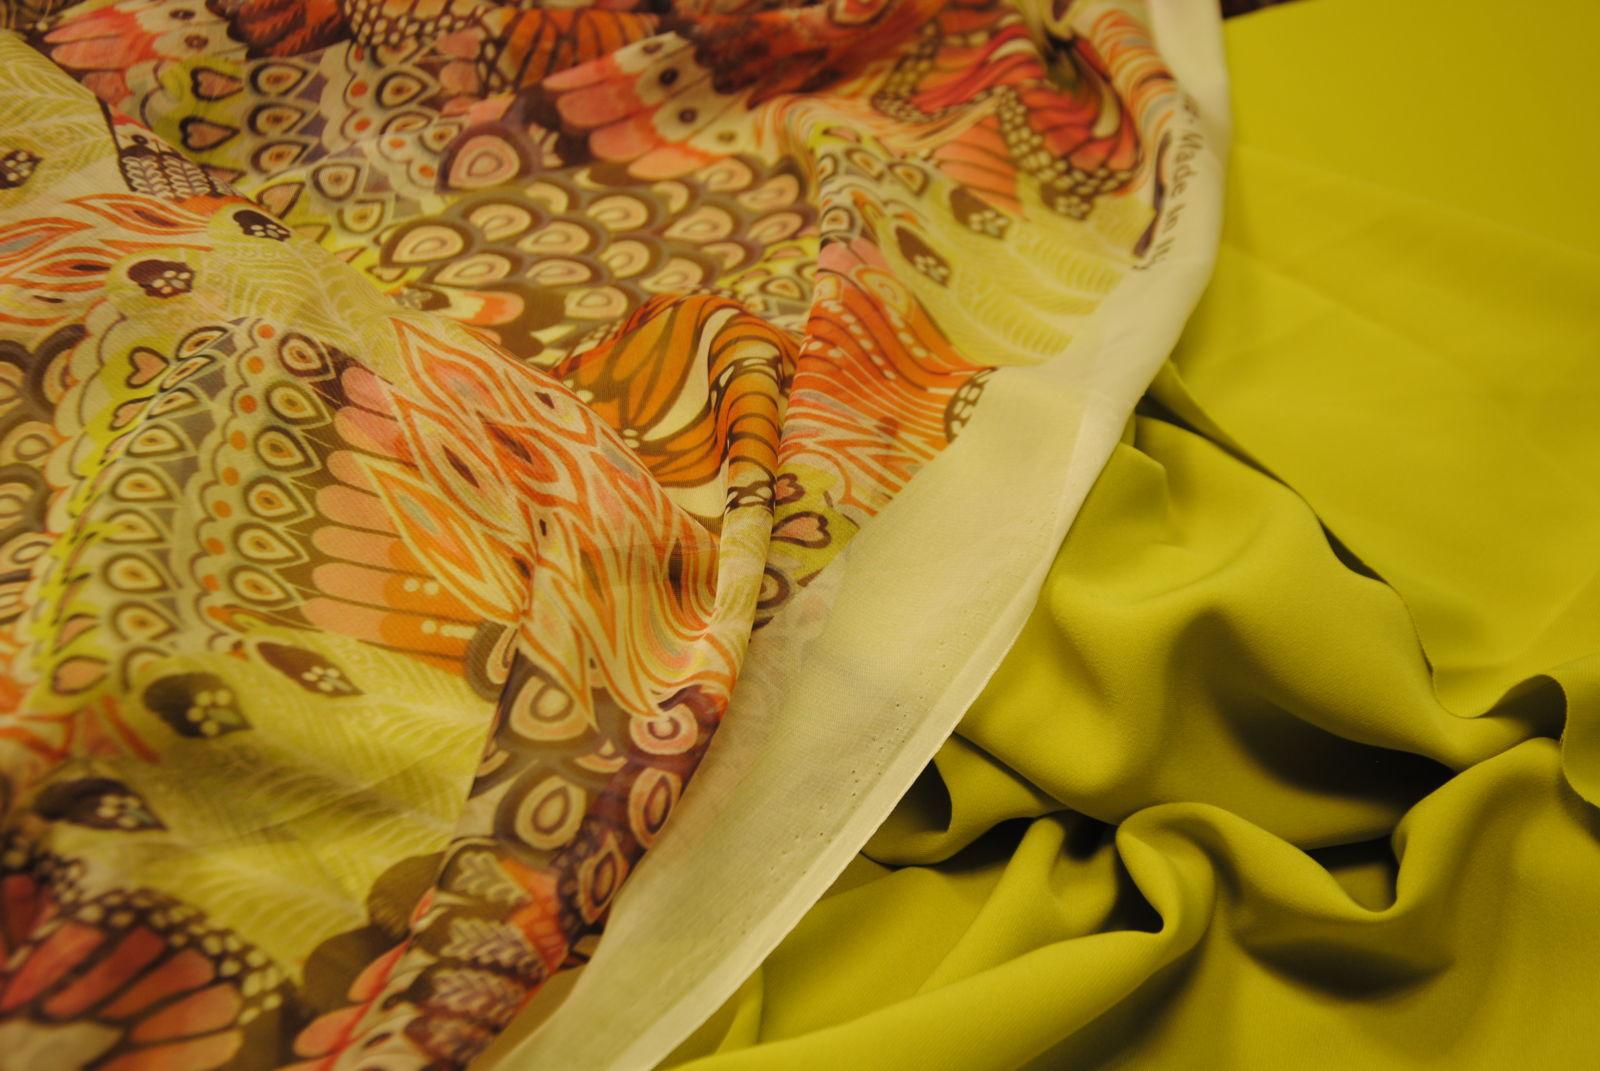 DSC 0925 Butterfly & Colors